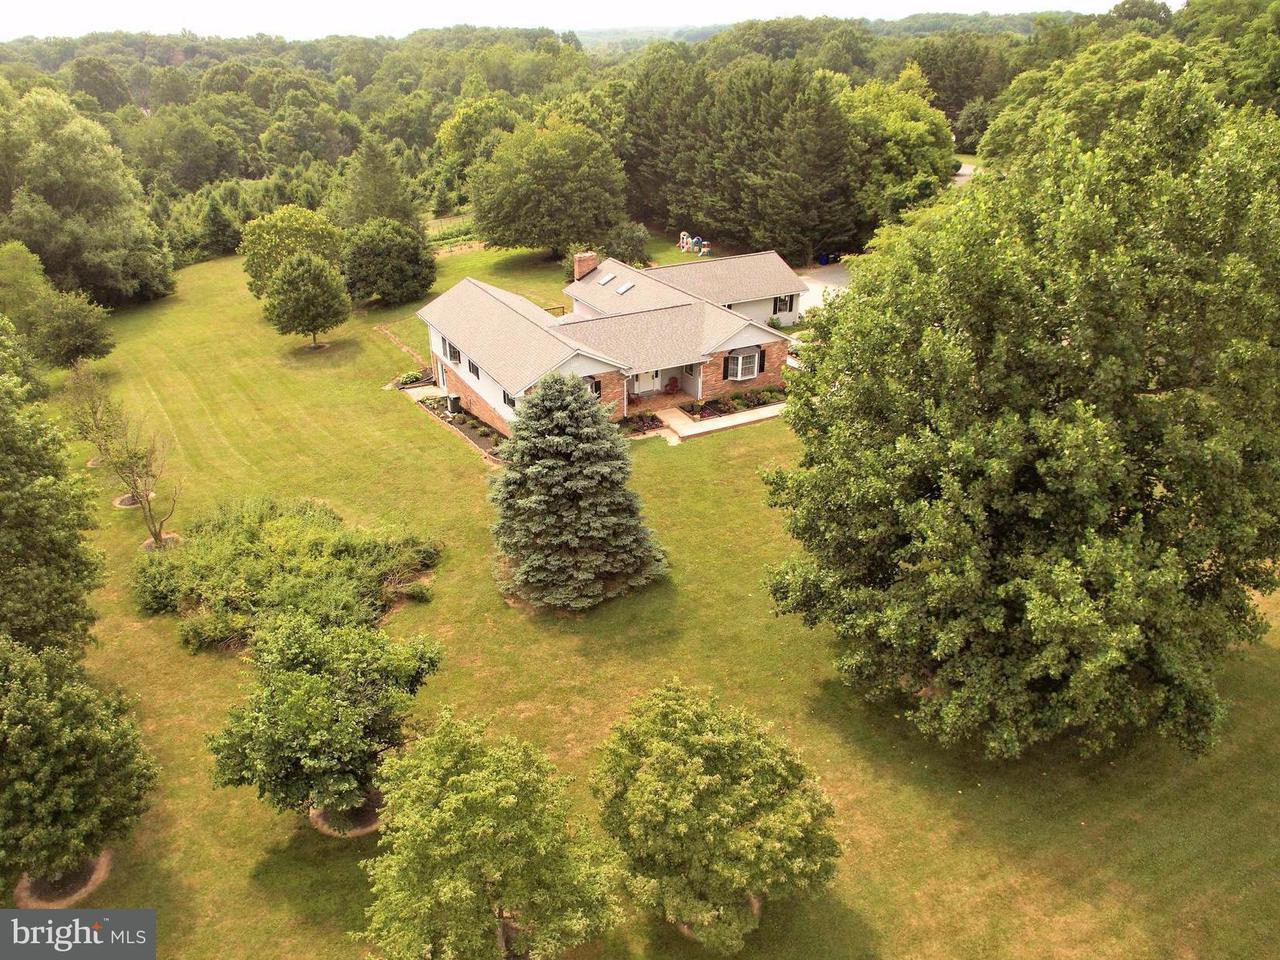 Maison unifamiliale pour l Vente à 4405 OAKWOOD OVERLOOK Court 4405 OAKWOOD OVERLOOK Court Dayton, Maryland 21036 États-Unis